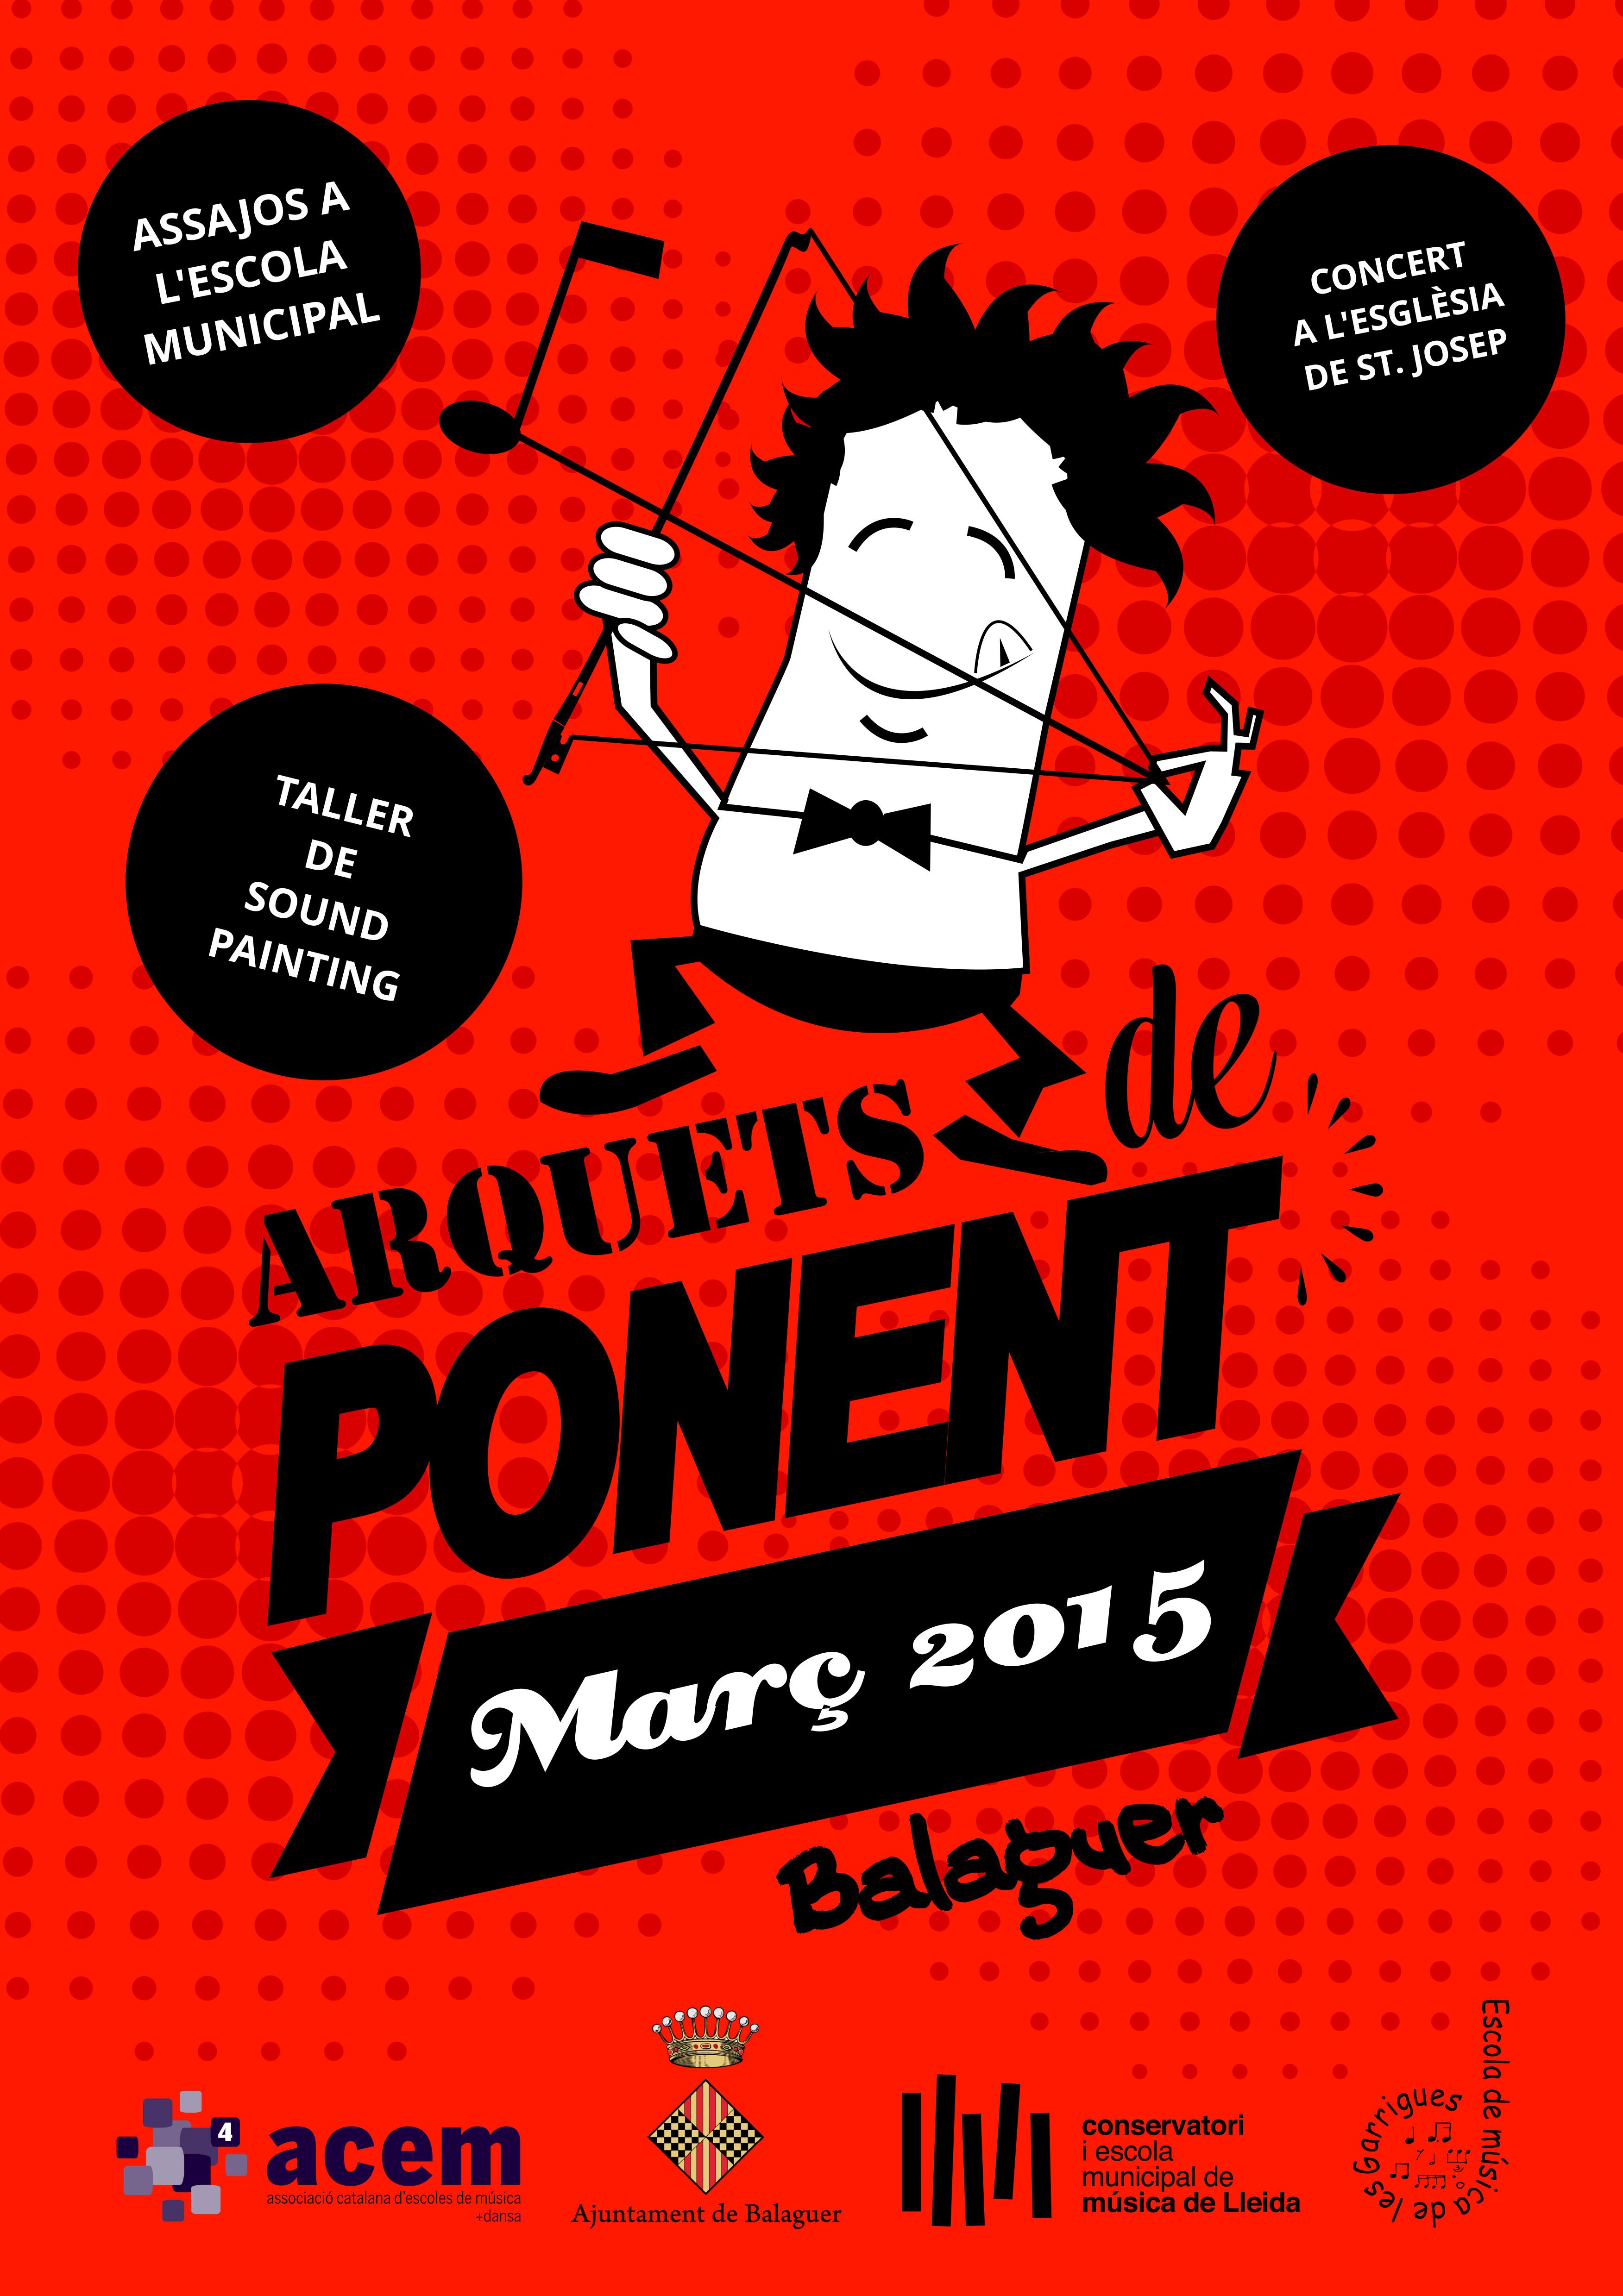 ARQUETS DE PONENT, Trobada d'instruments de corda fregada a Balaguer